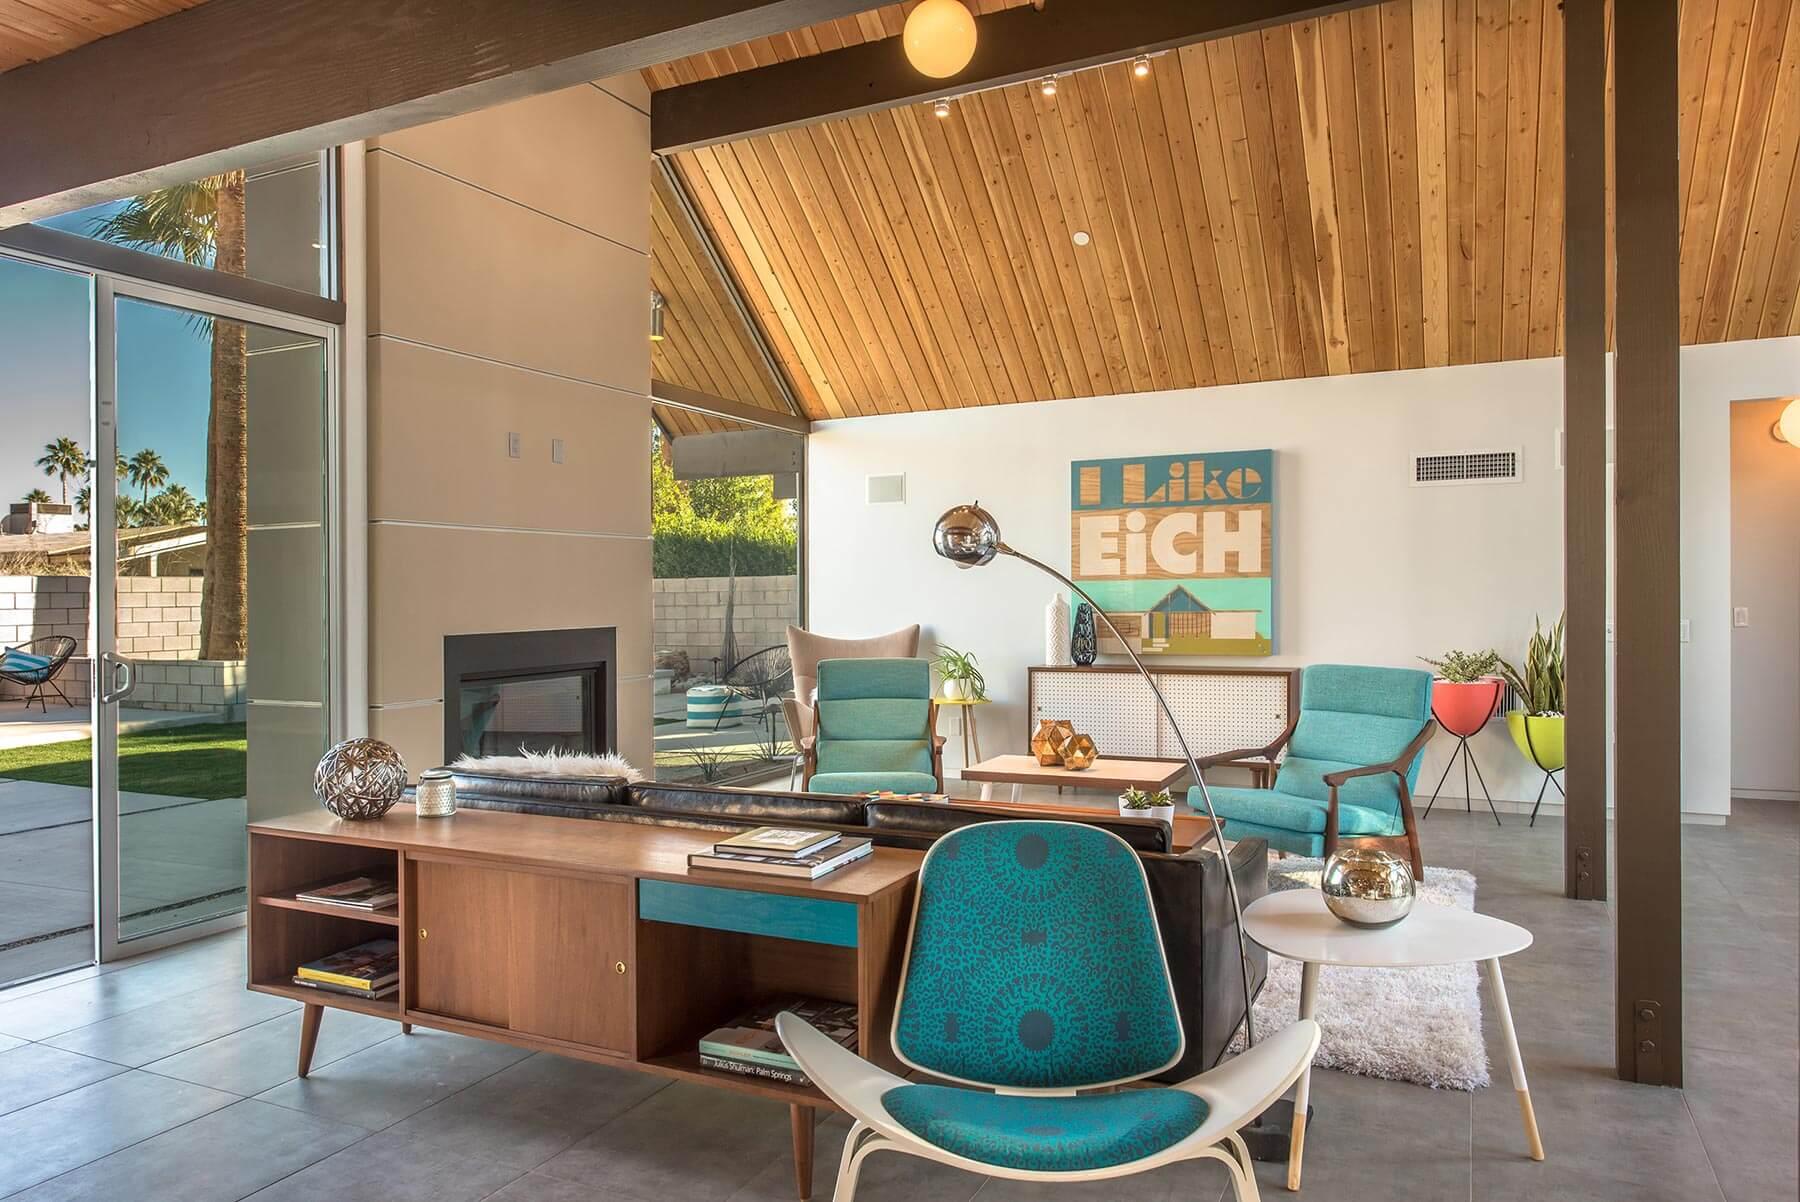 The Desert Eichler 2 Living Room